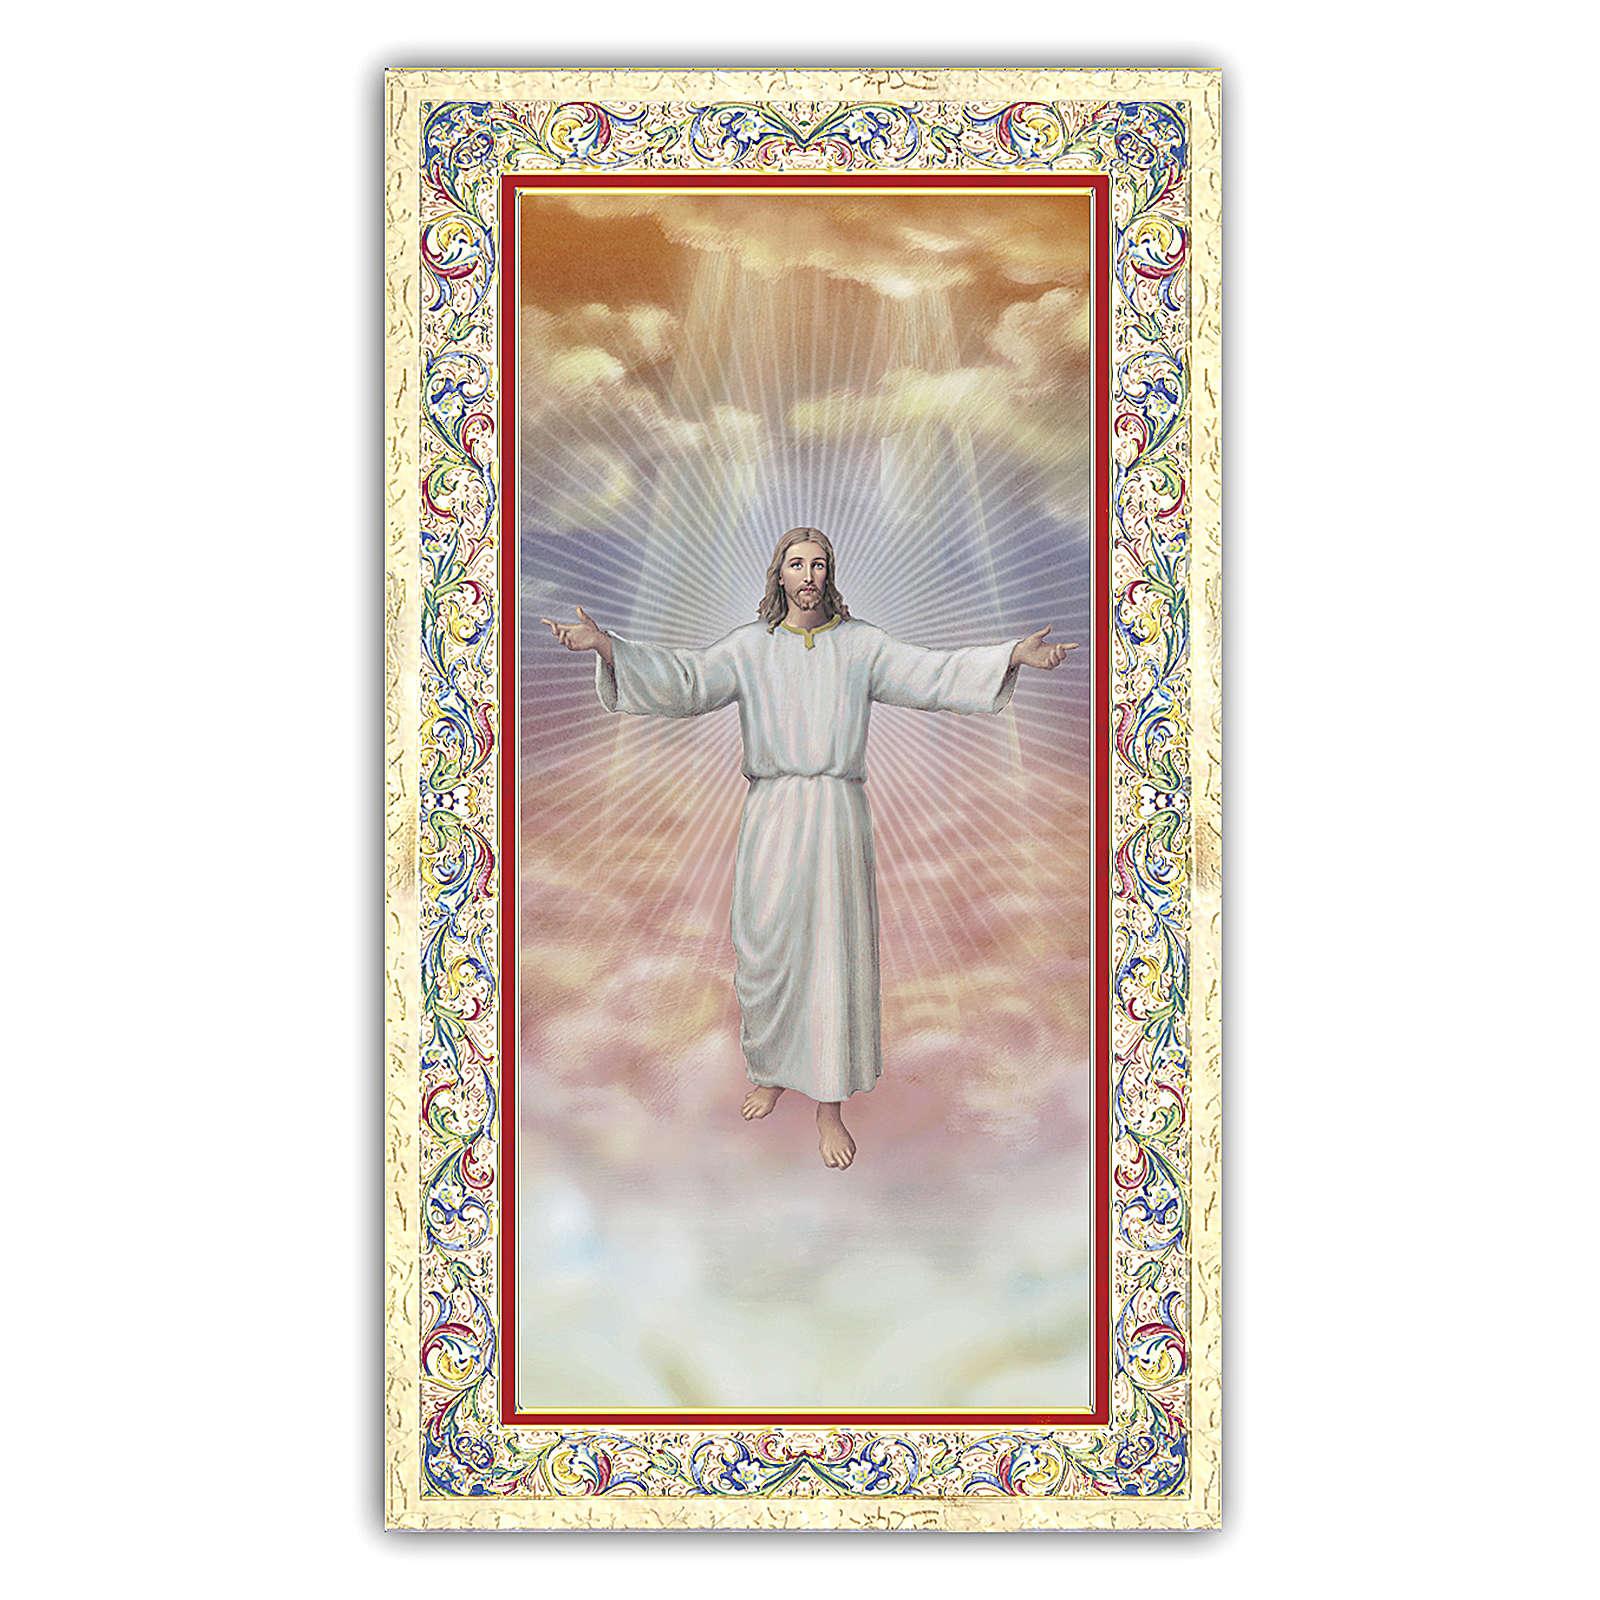 Obrazek Jezus witający w niebie 10x5 cm 4